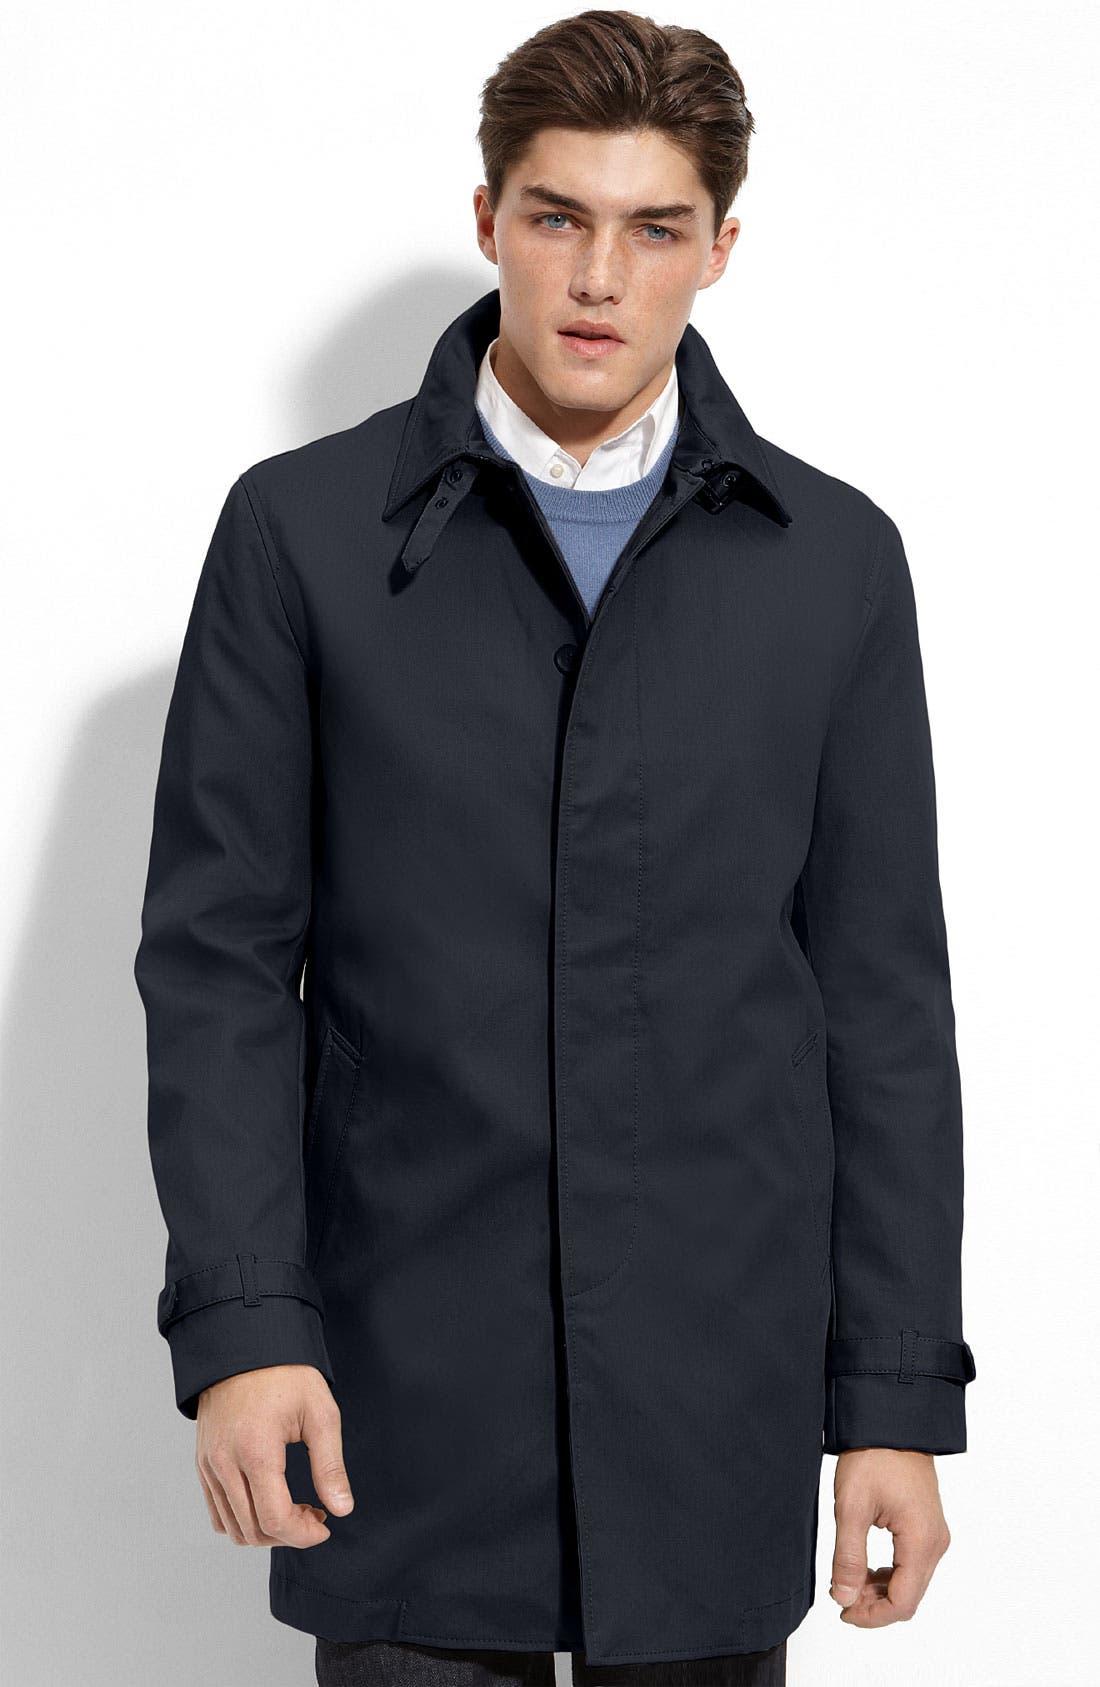 Alternate Image 1 Selected - Ben Sherman 'Classic Mac' Trench Coat